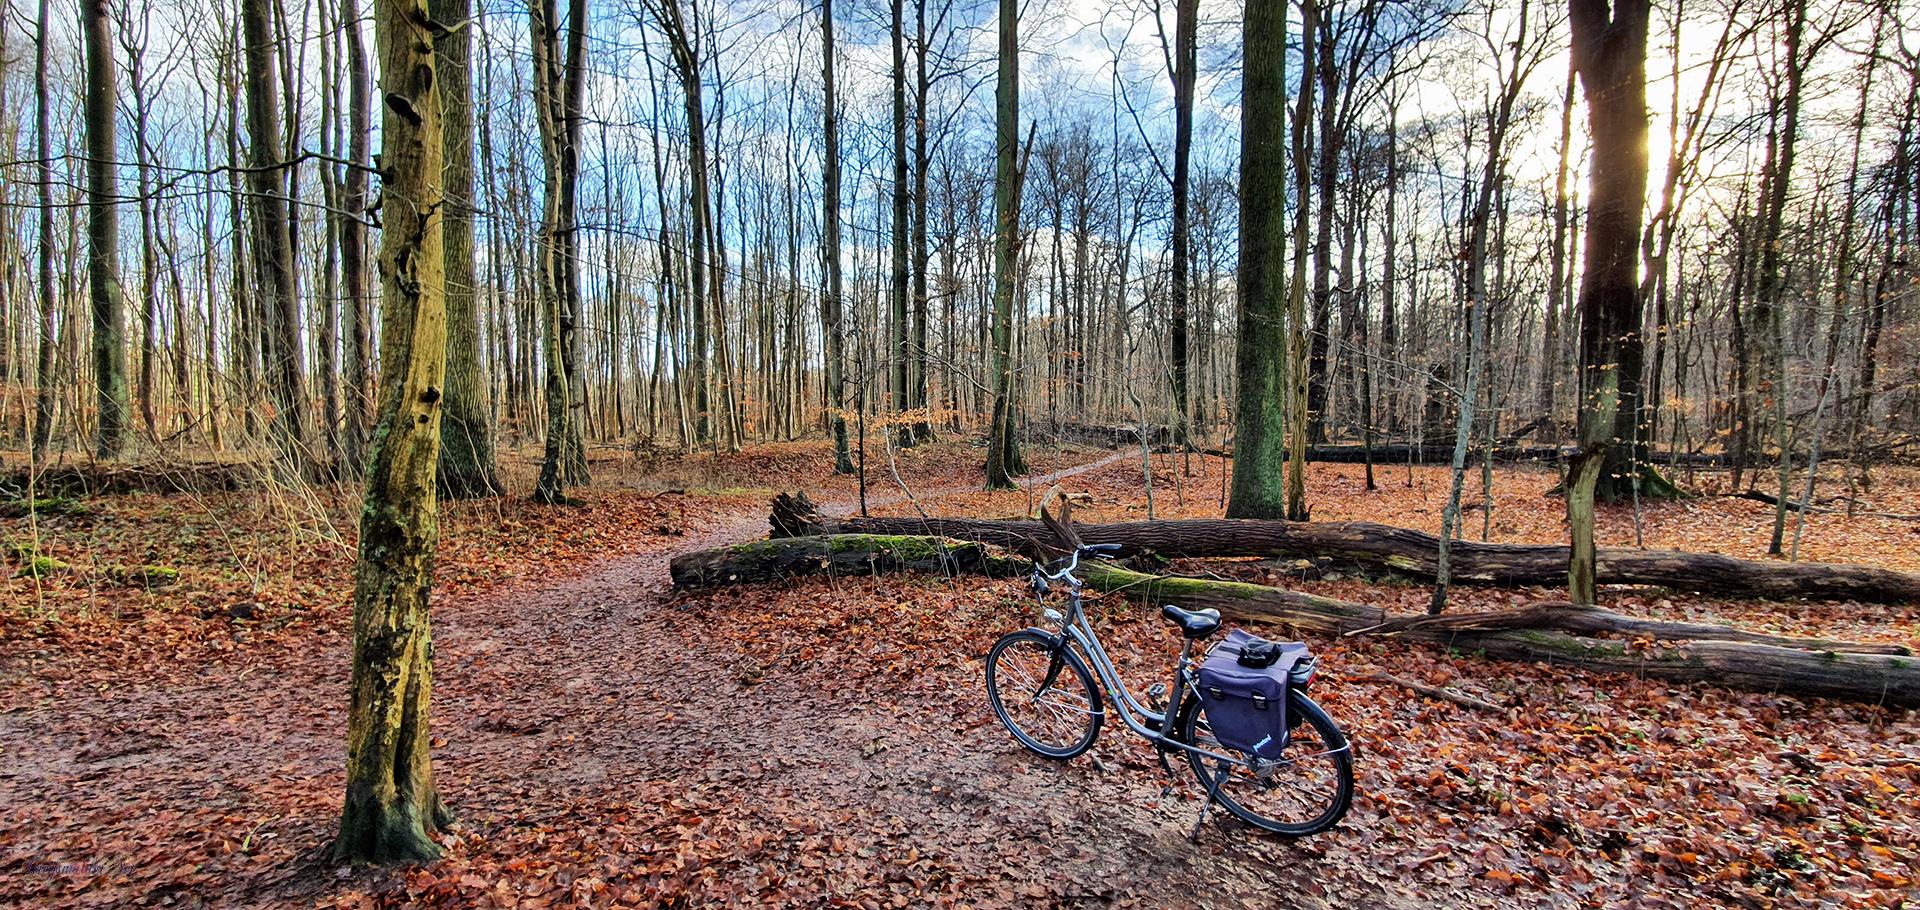 Fahrradtour durch den Wald, Elisenhain im Naturschutzgebiet Eldena, Wald im Südosten der Hansestadt Greifswald in Mecklenburg-Vorpommern